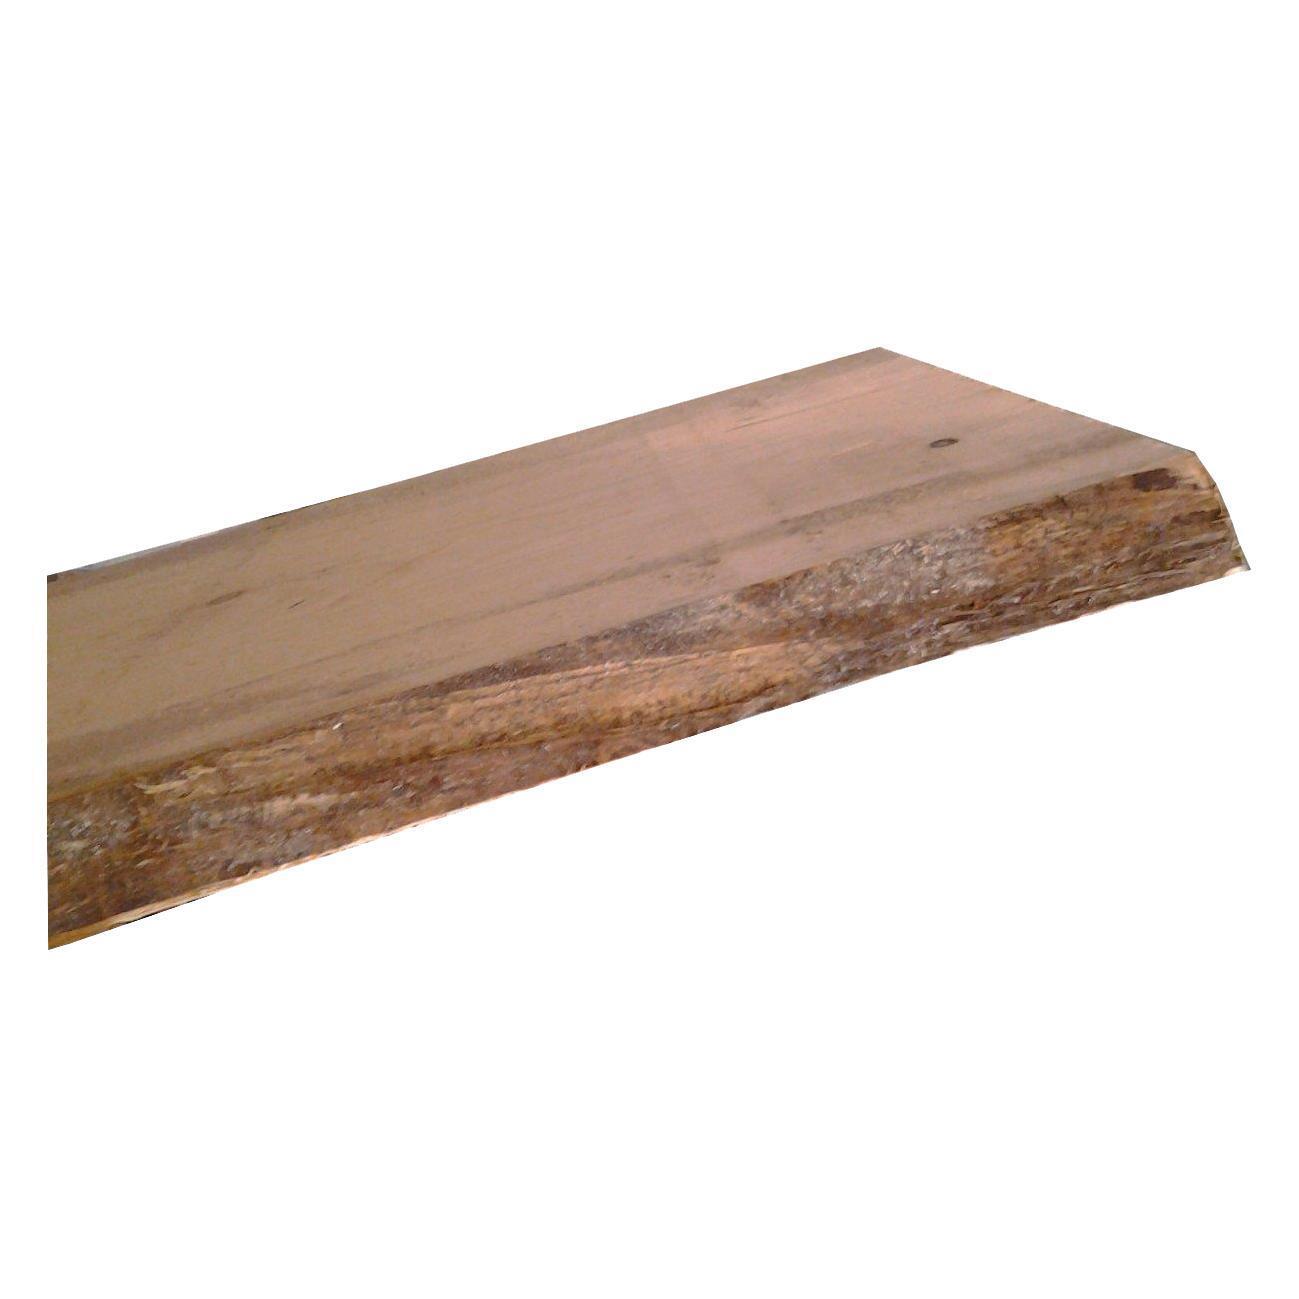 Tavola Legno massello pino douglas 200 x 50 cm Sp 70 mm - 5